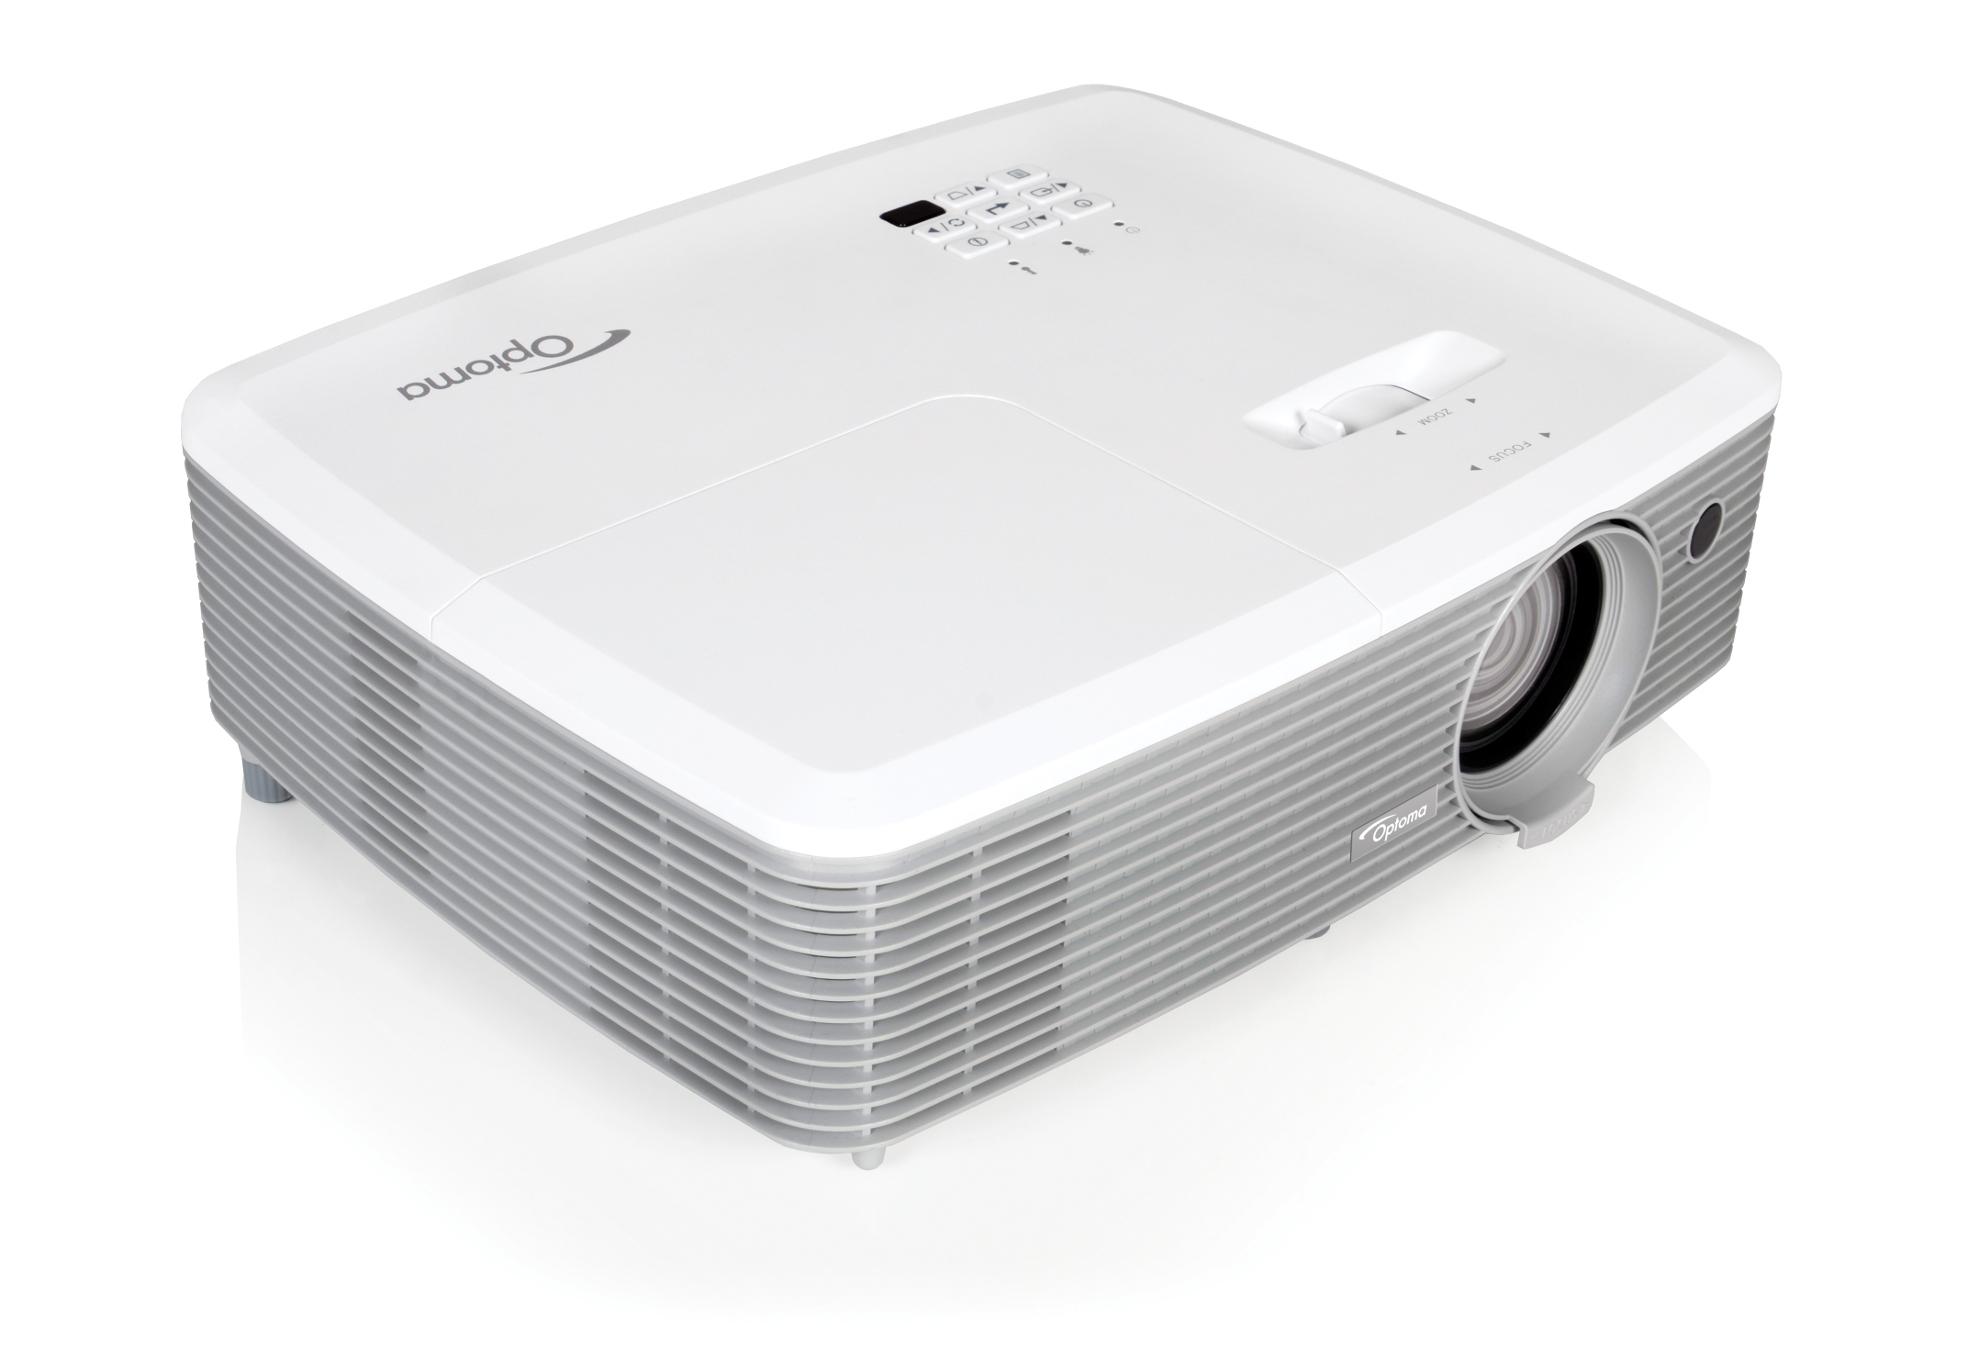 4000 Lumen 1080p Full 3D Desktop Projector